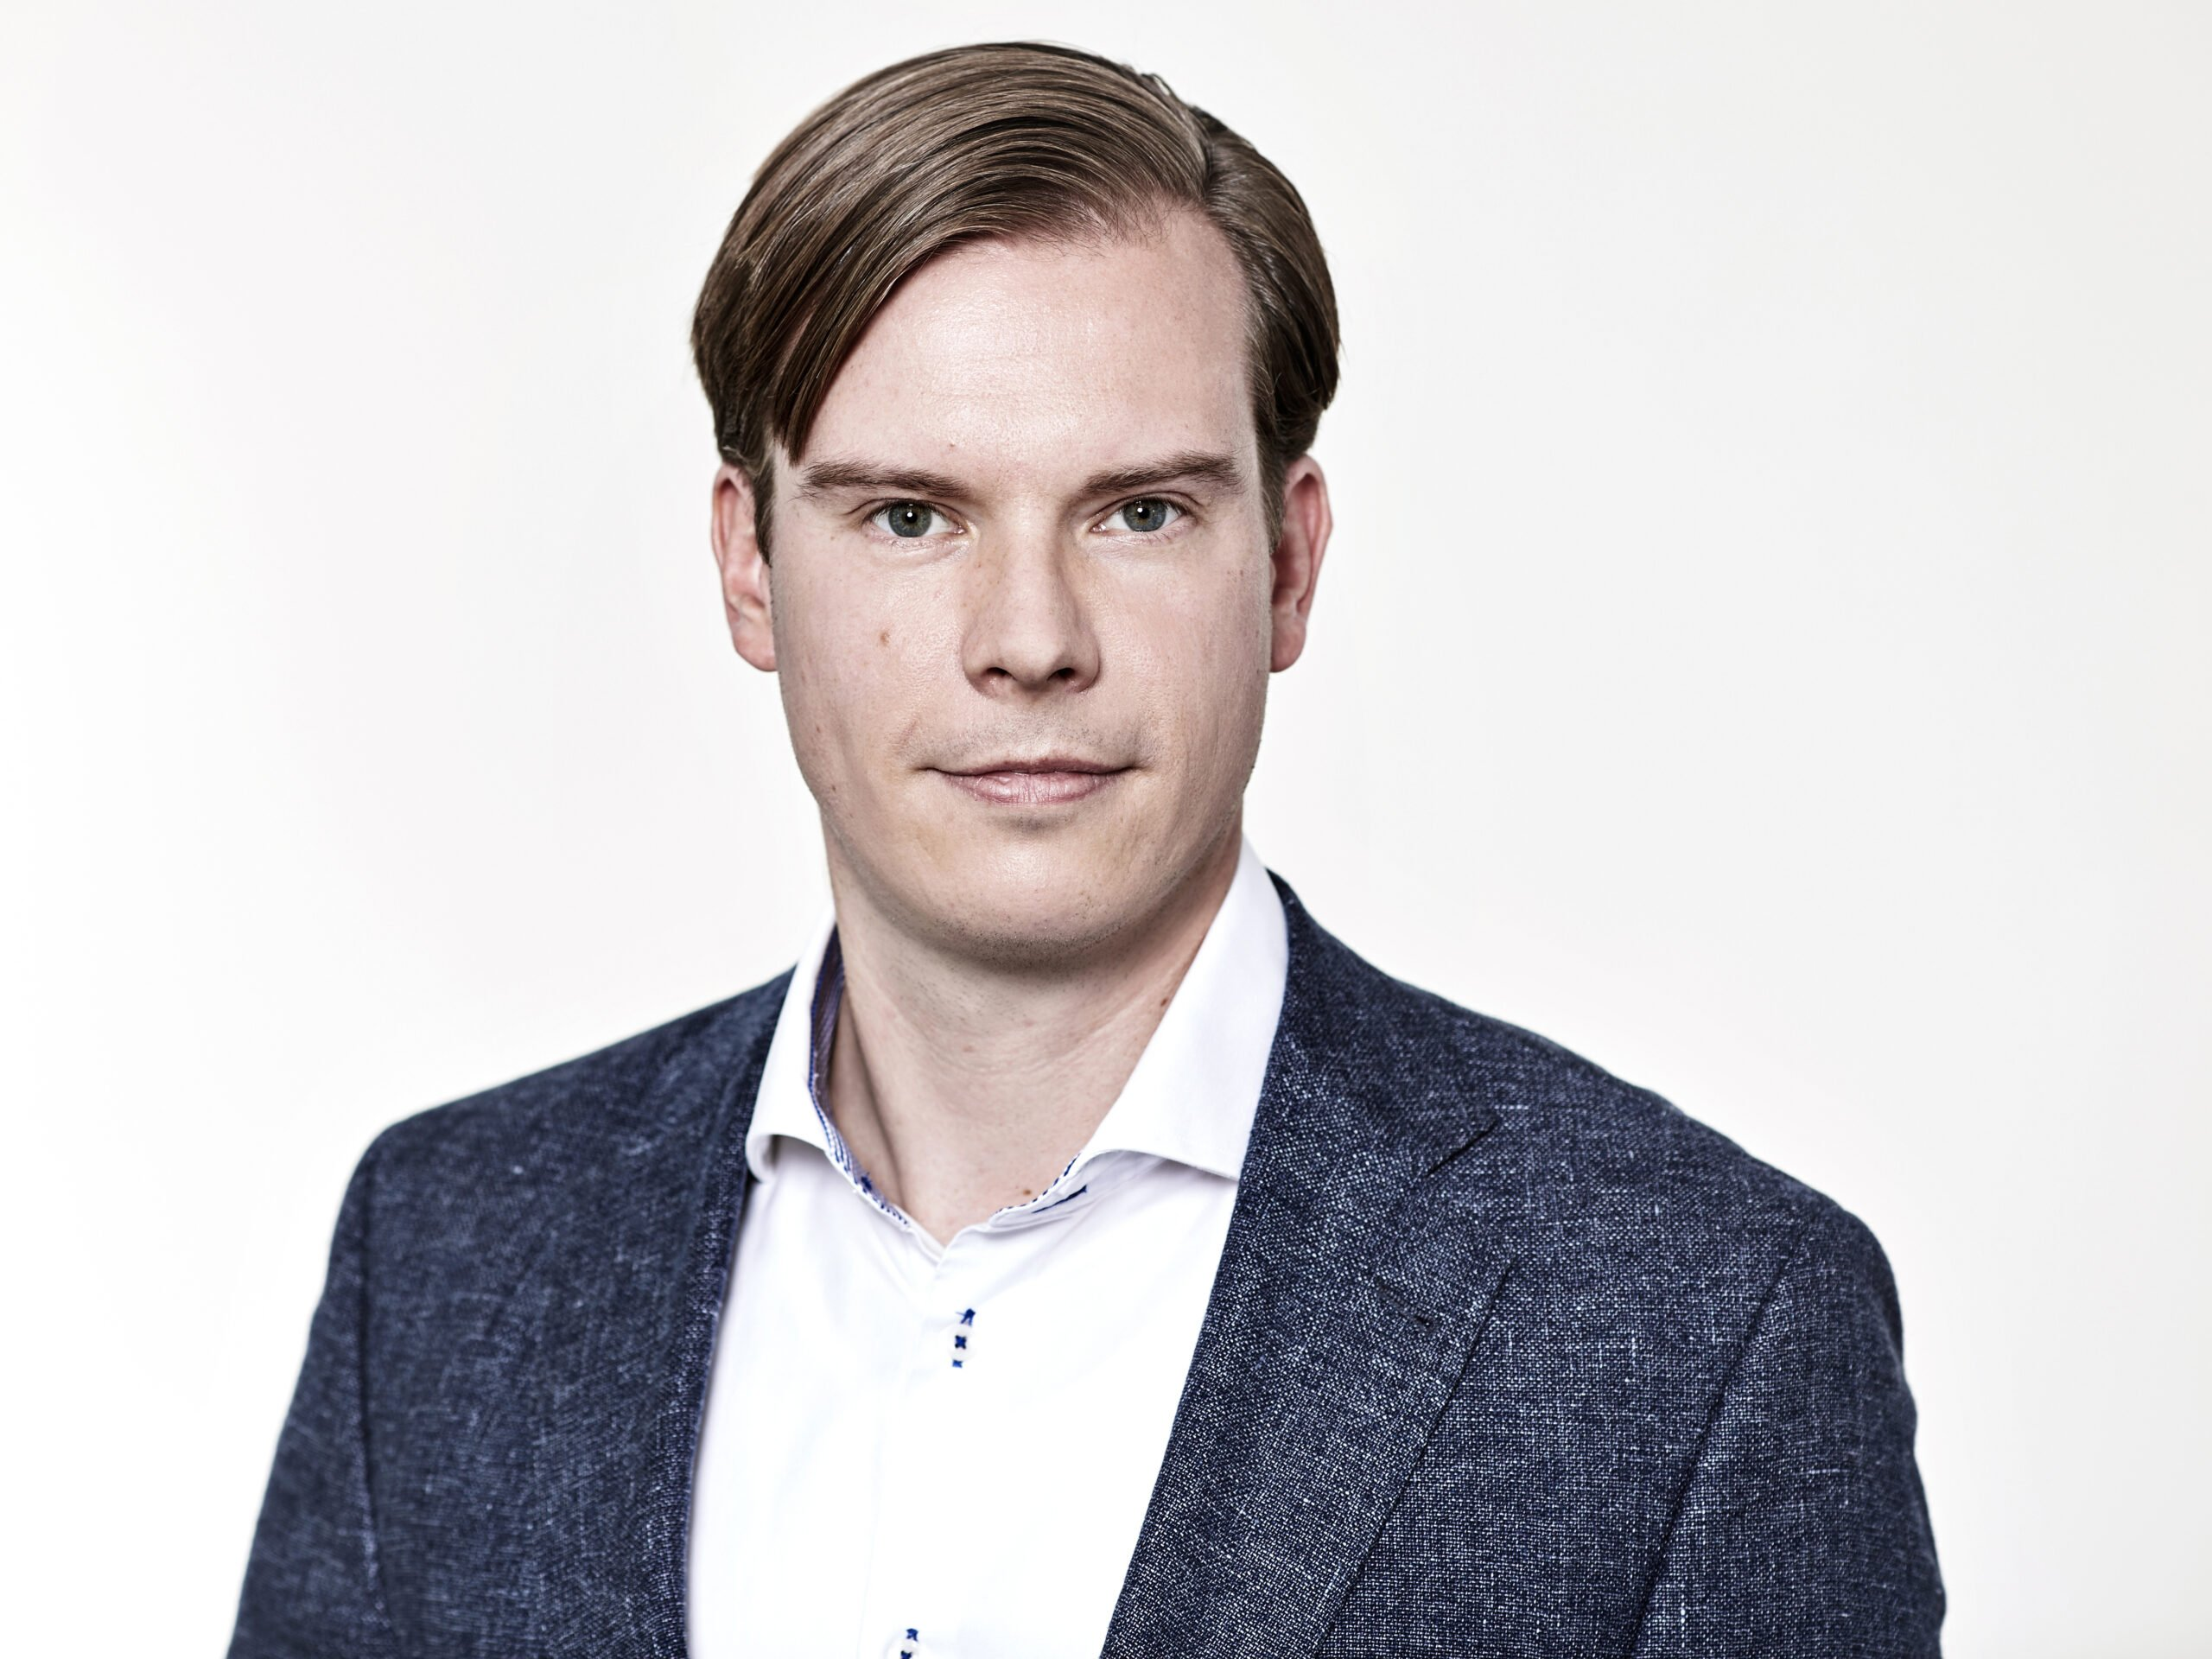 Simon Eggert, Leiter des Bereichs Analyse bei der Stiftung ZQP über pflegende Angehörige